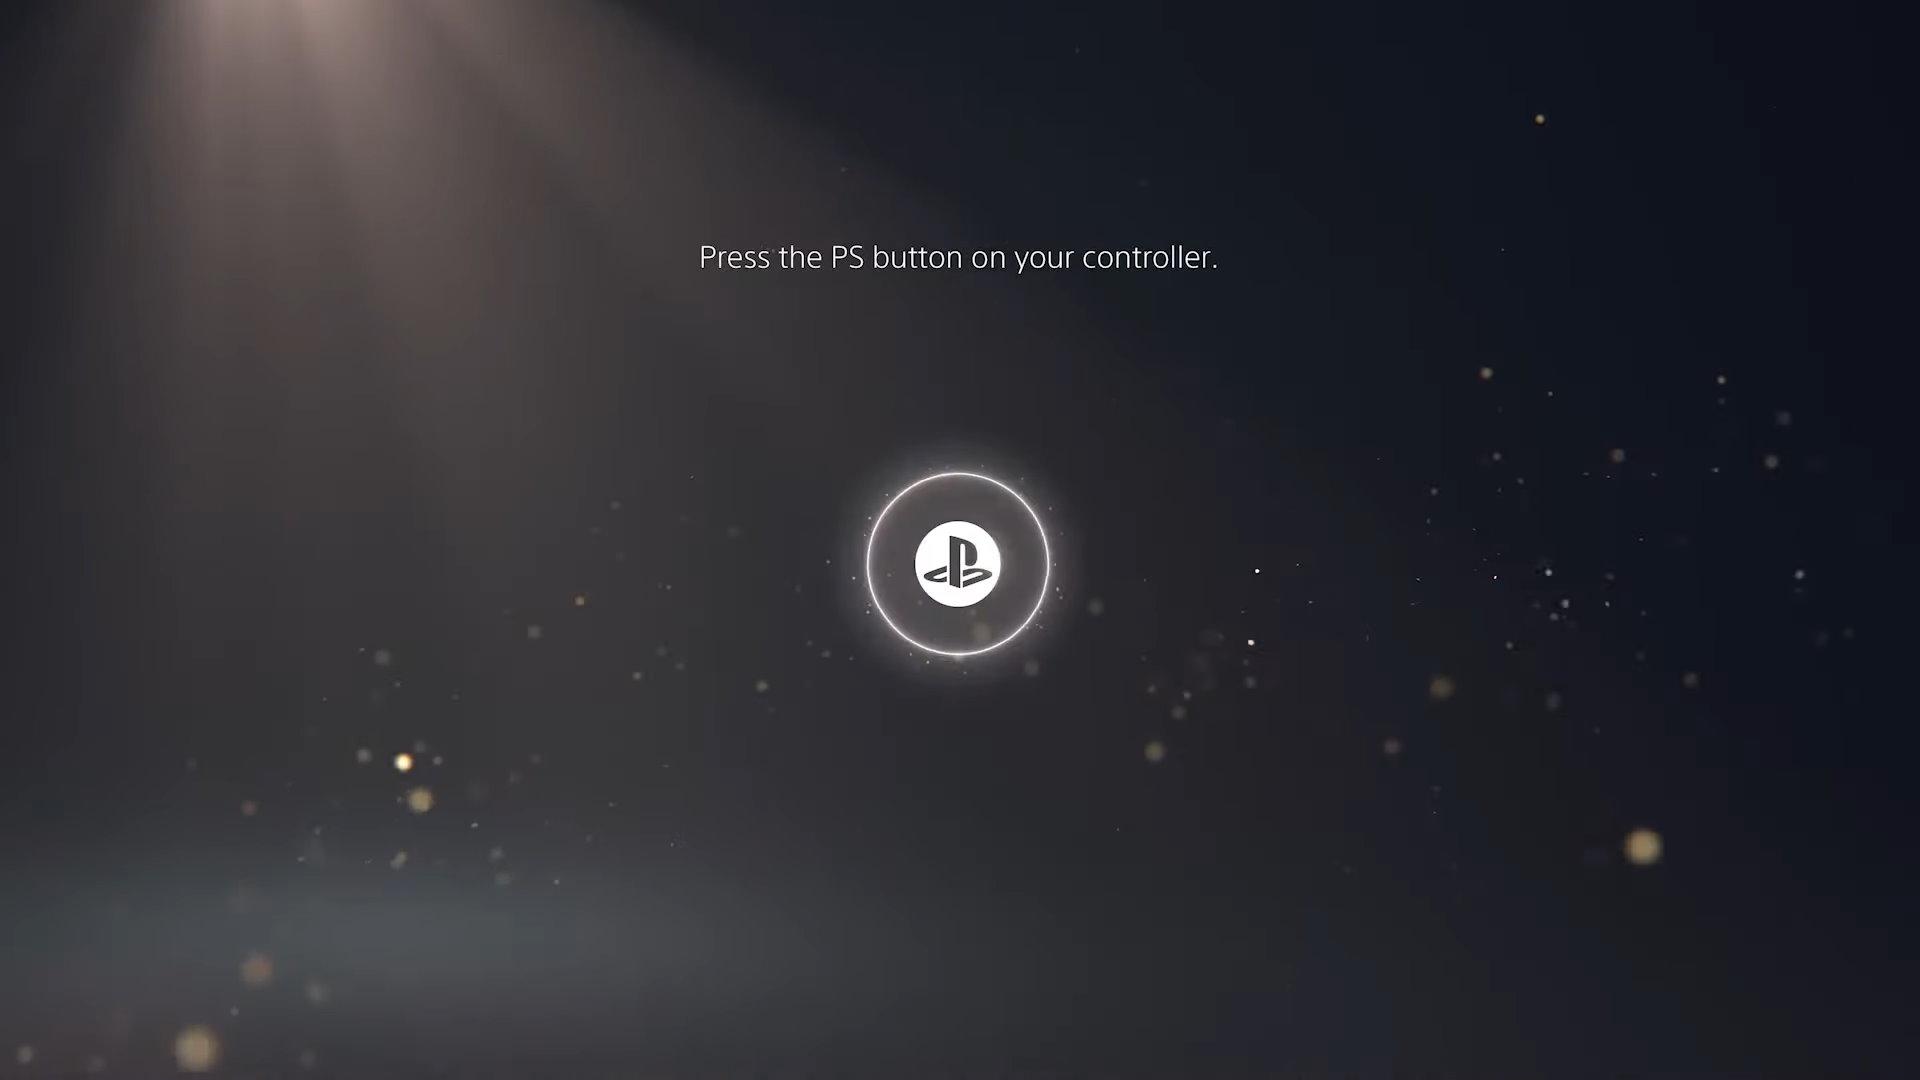 PS5 : Sony promet une refonte complète de l'interface, ultra fluide